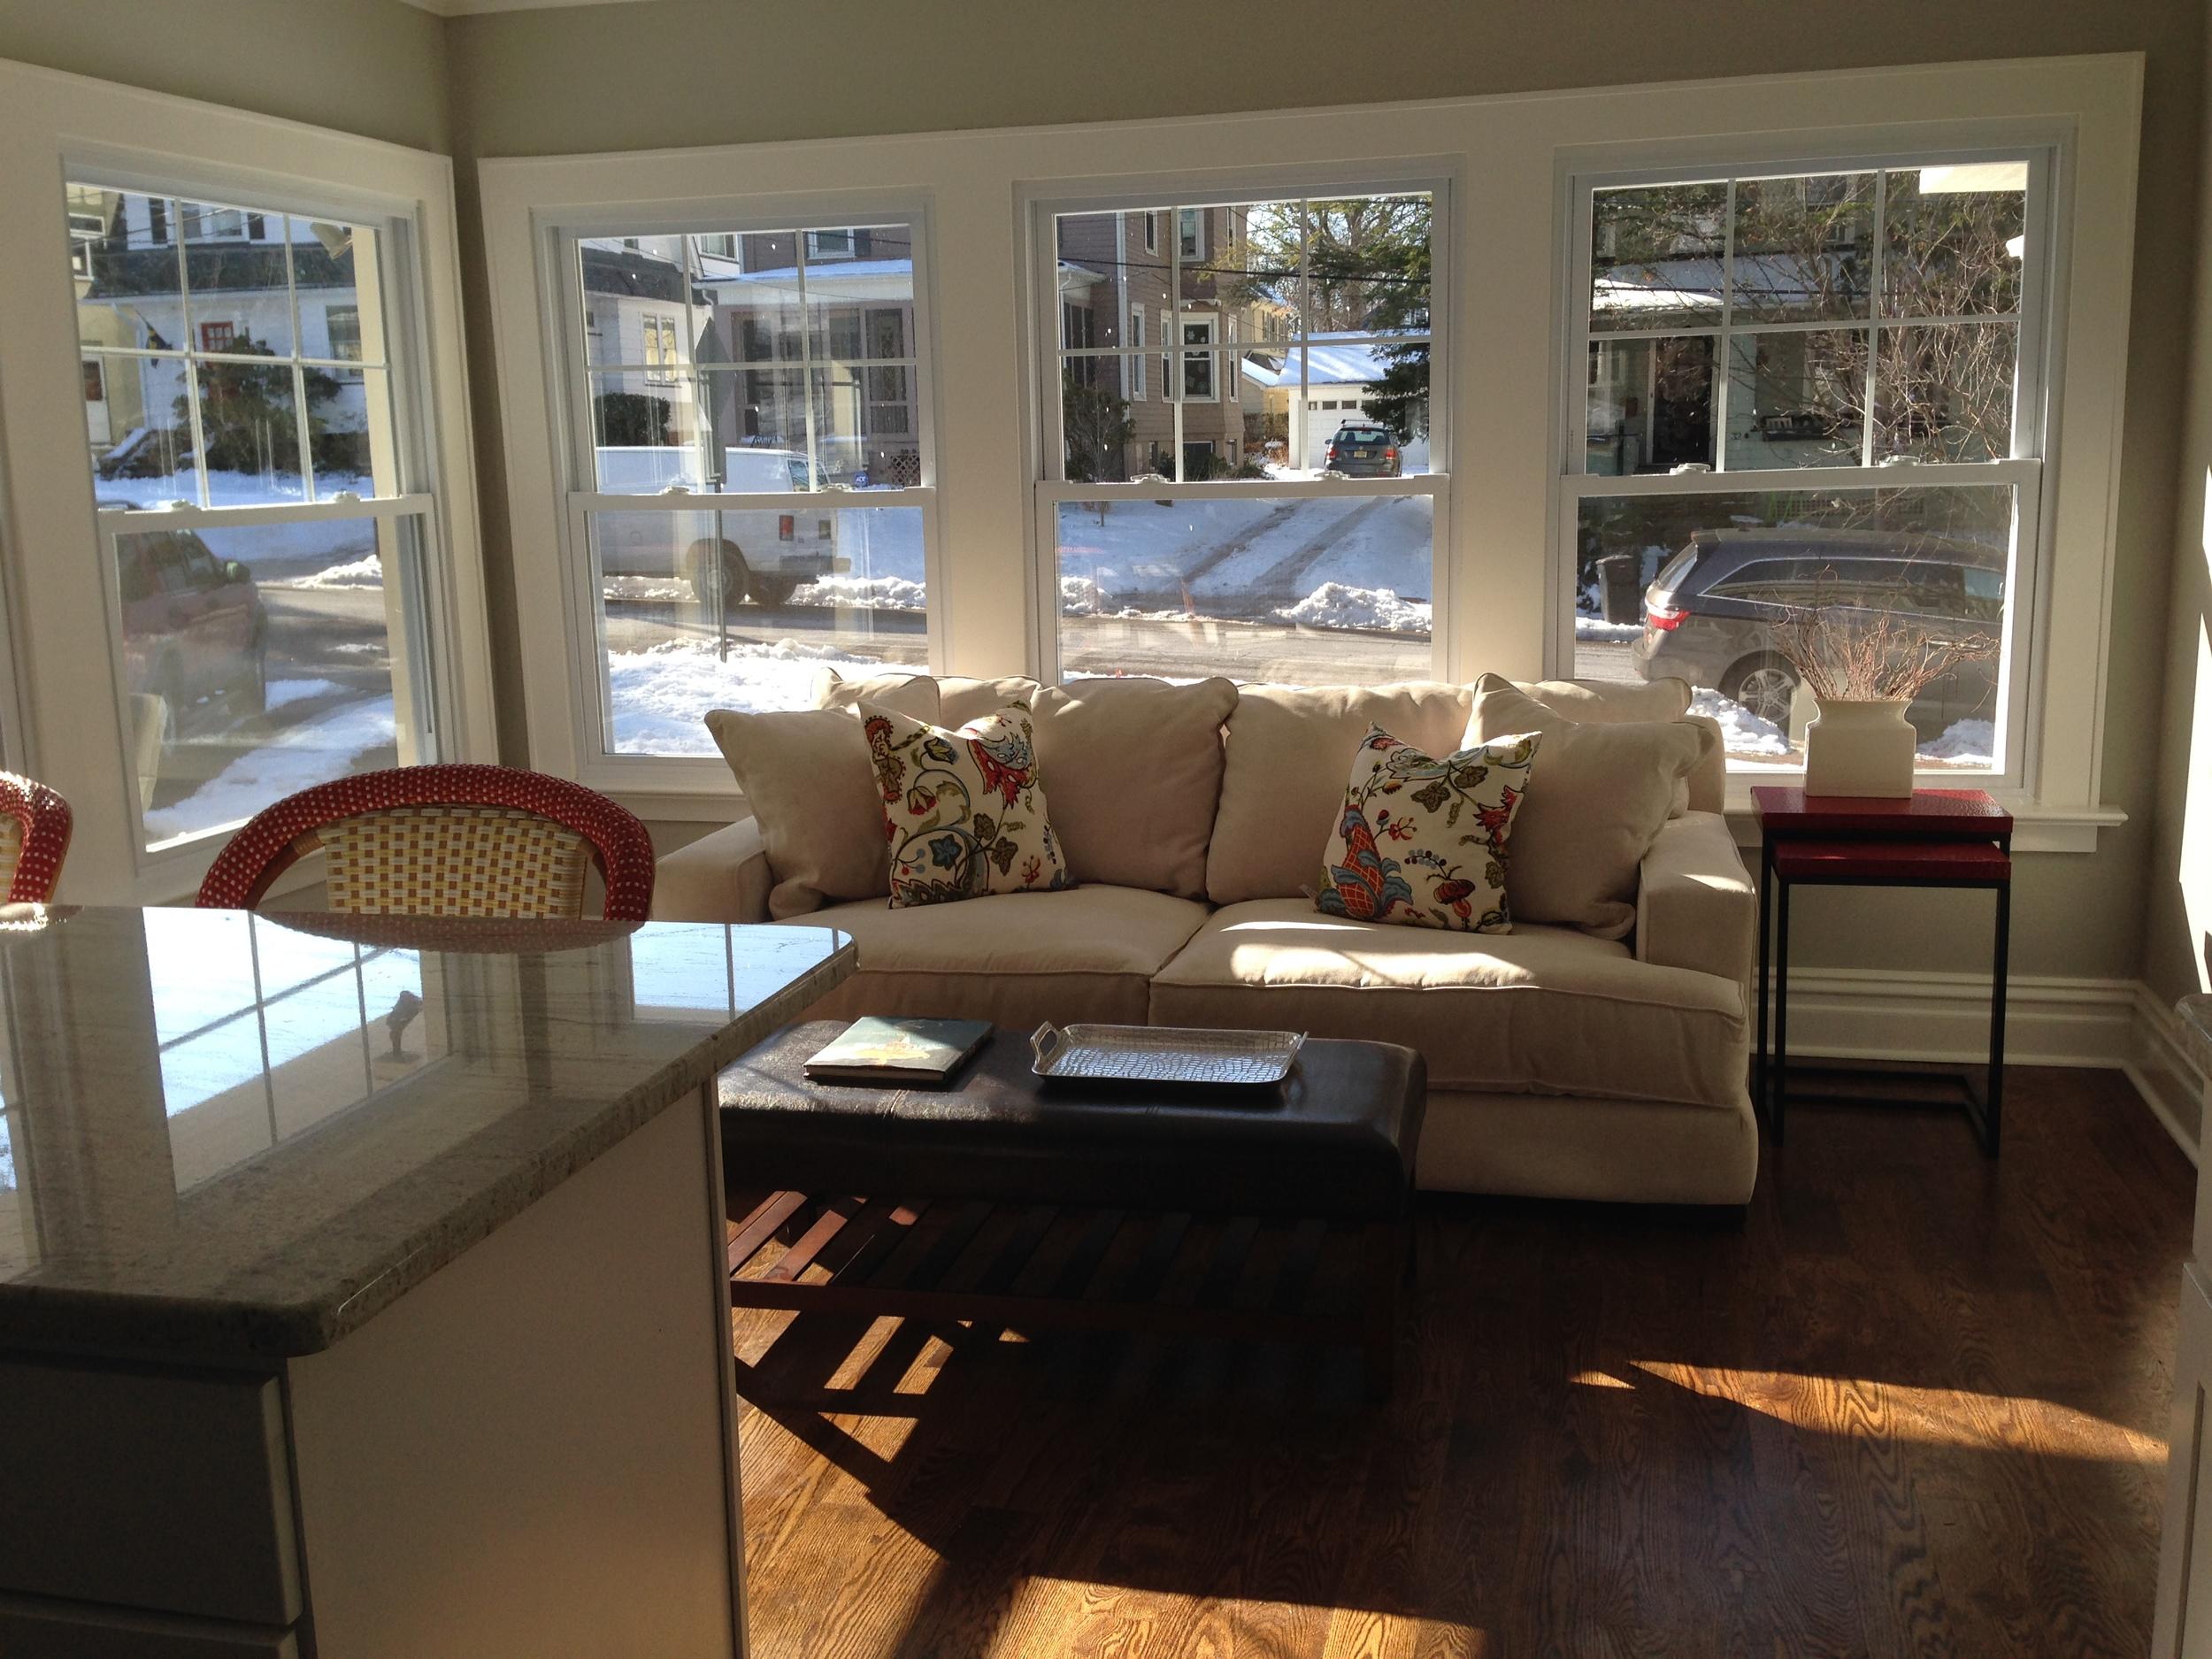 Maplewood:Girard Kitchen Sitting Area After.jpg